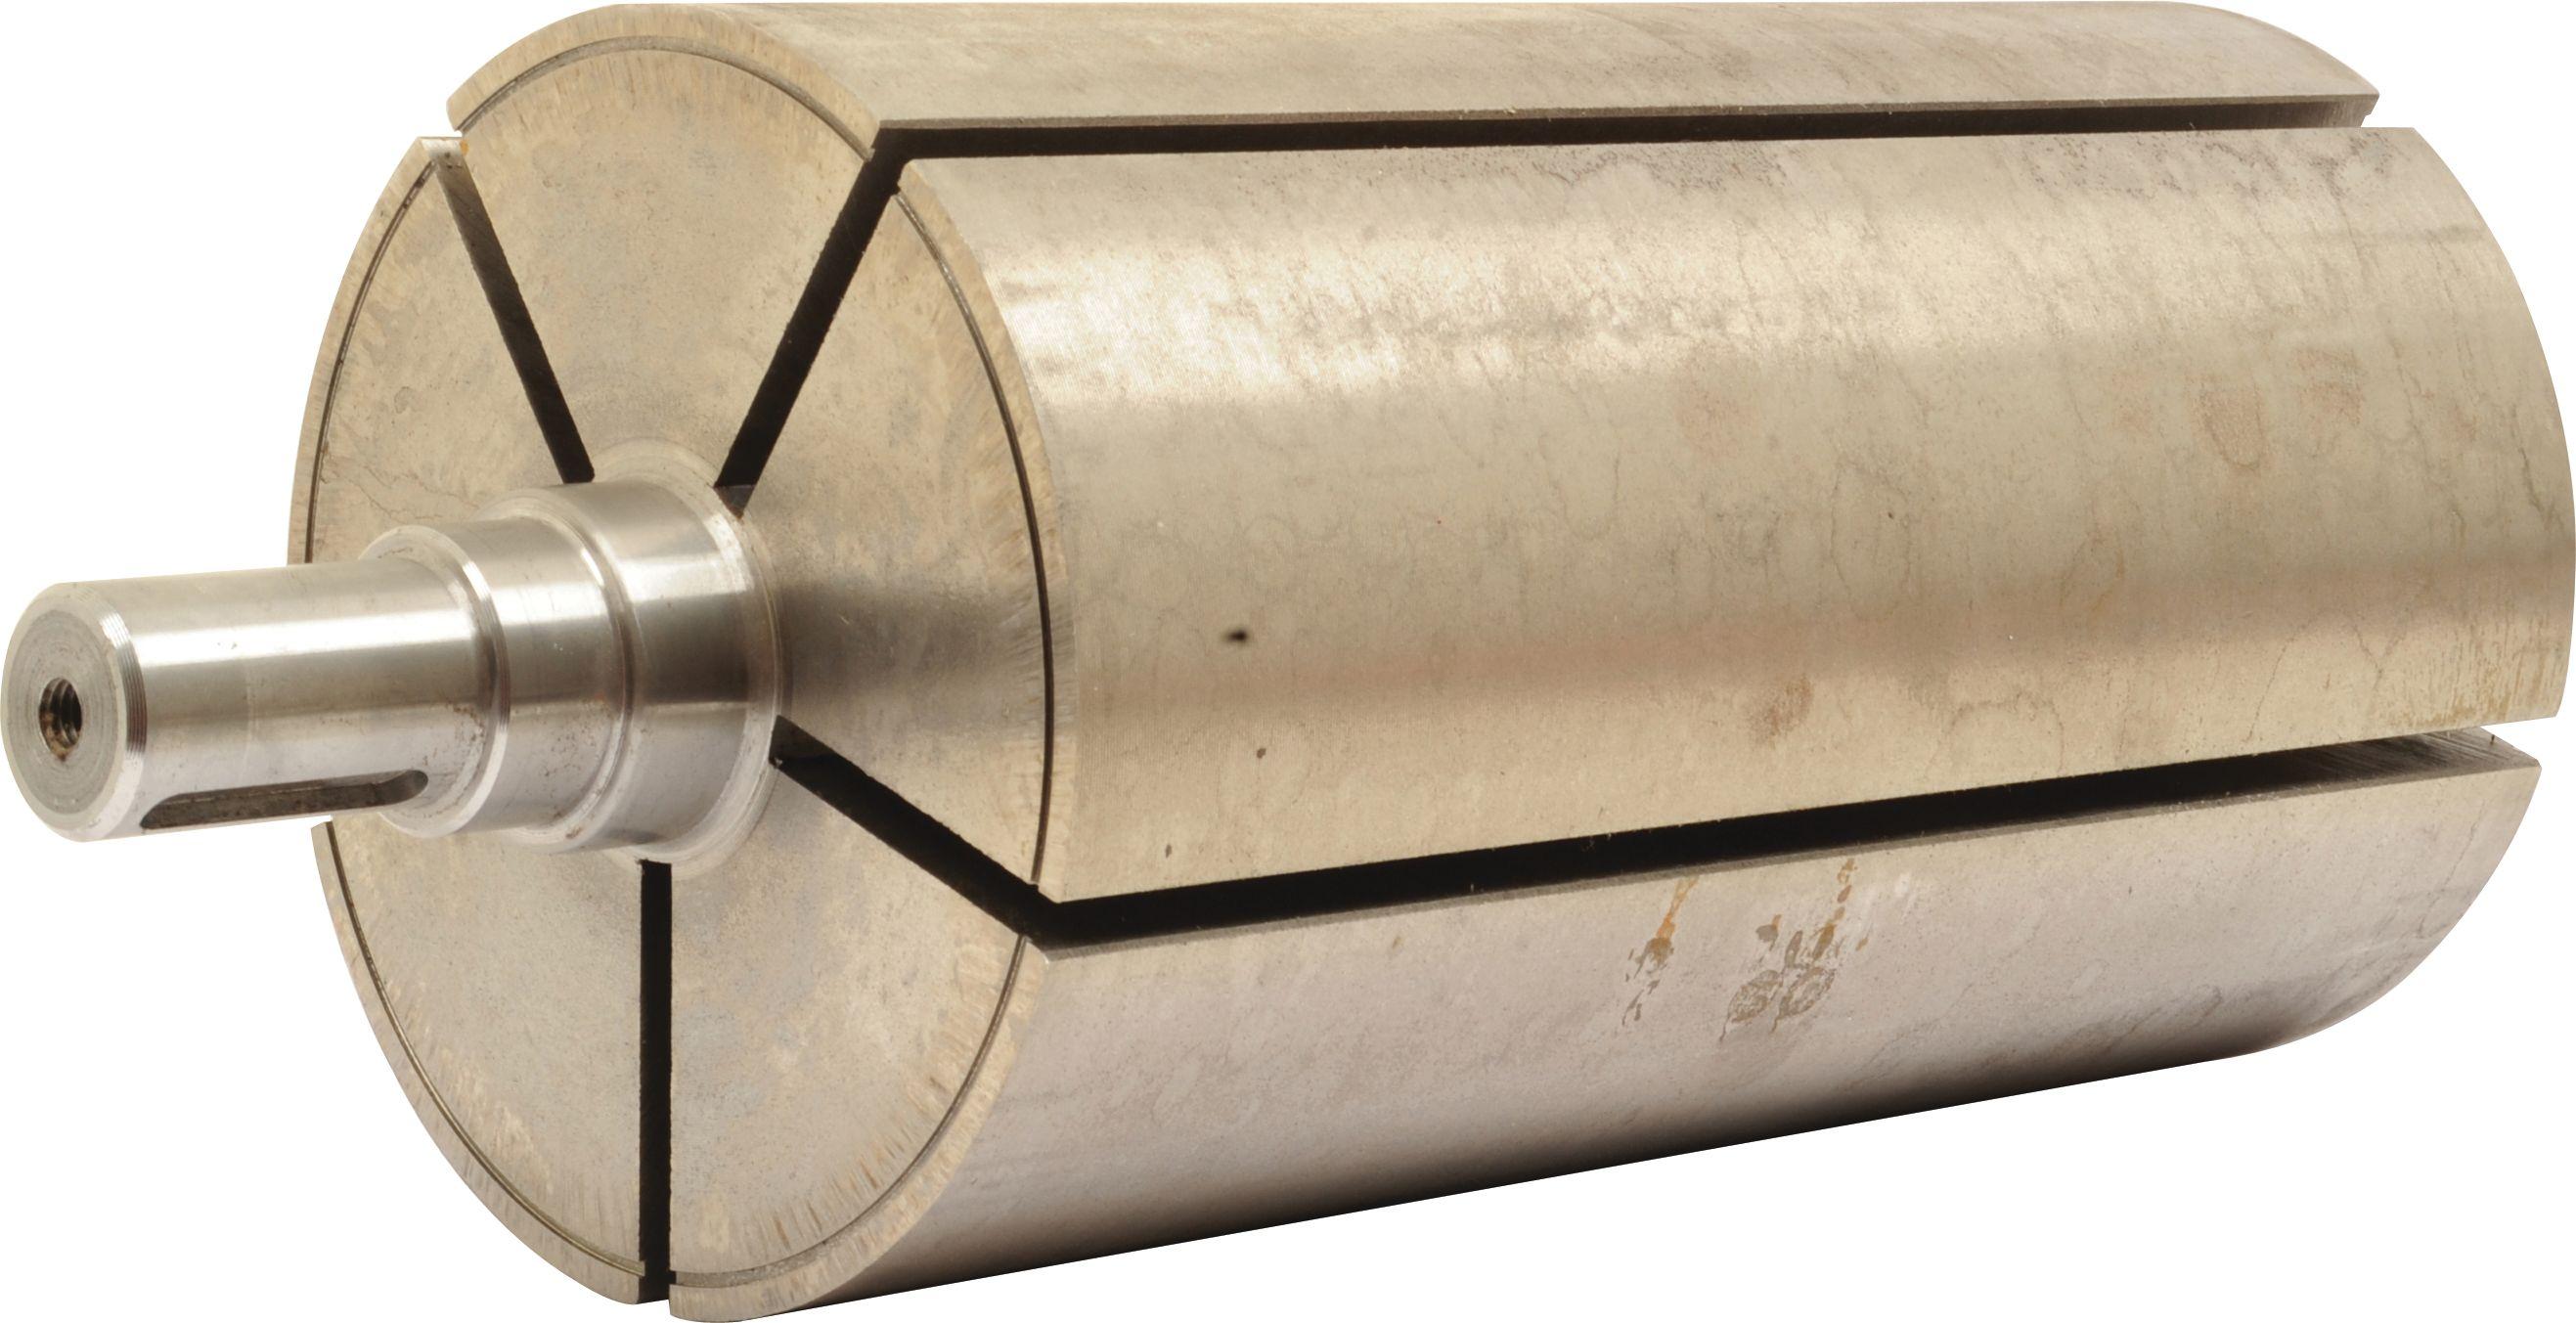 BATTIONI PAGANI POMP ROTOR-MEC 13500 D & H 101904